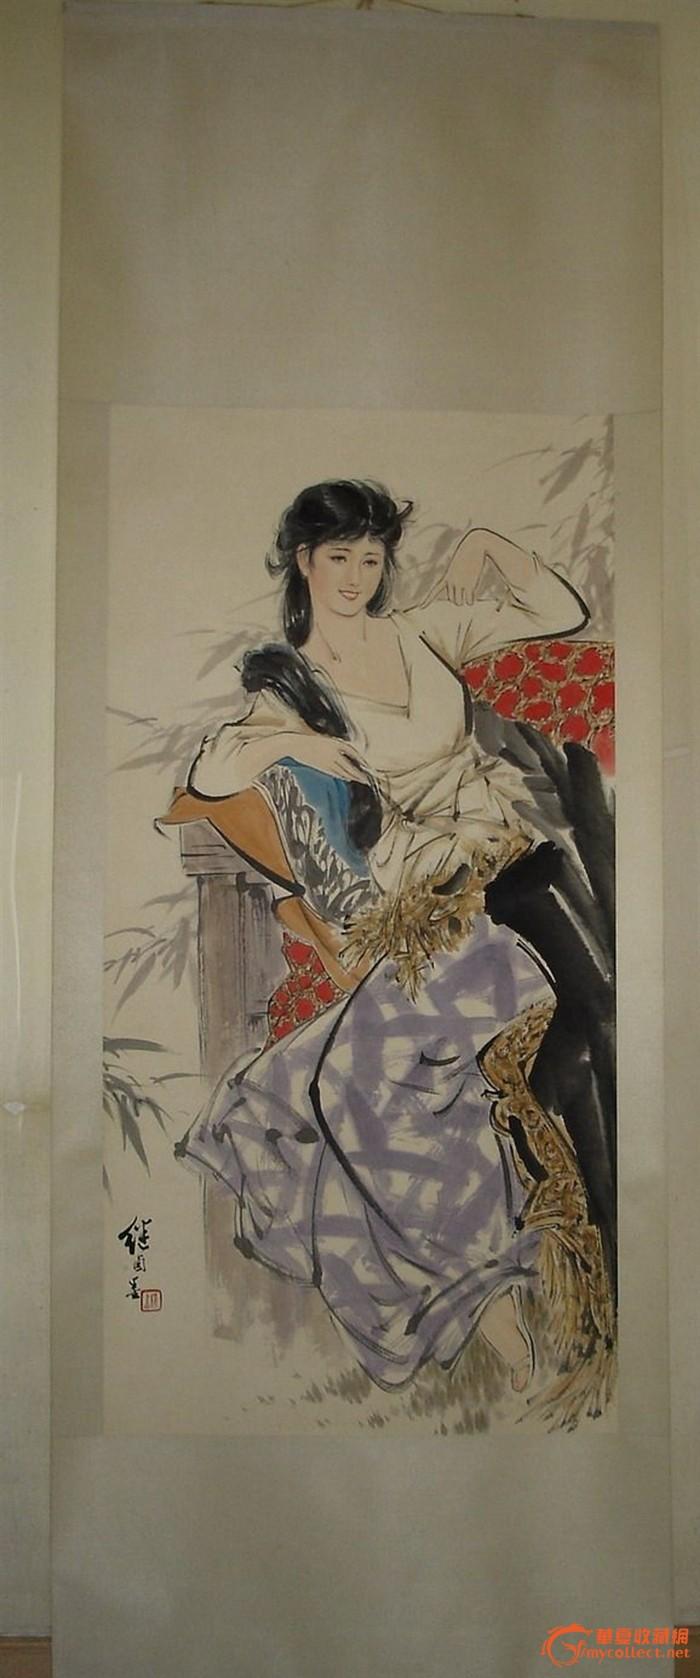 (本网已鉴定)现代人物画大师 刘继卣 四尺人物图 立轴